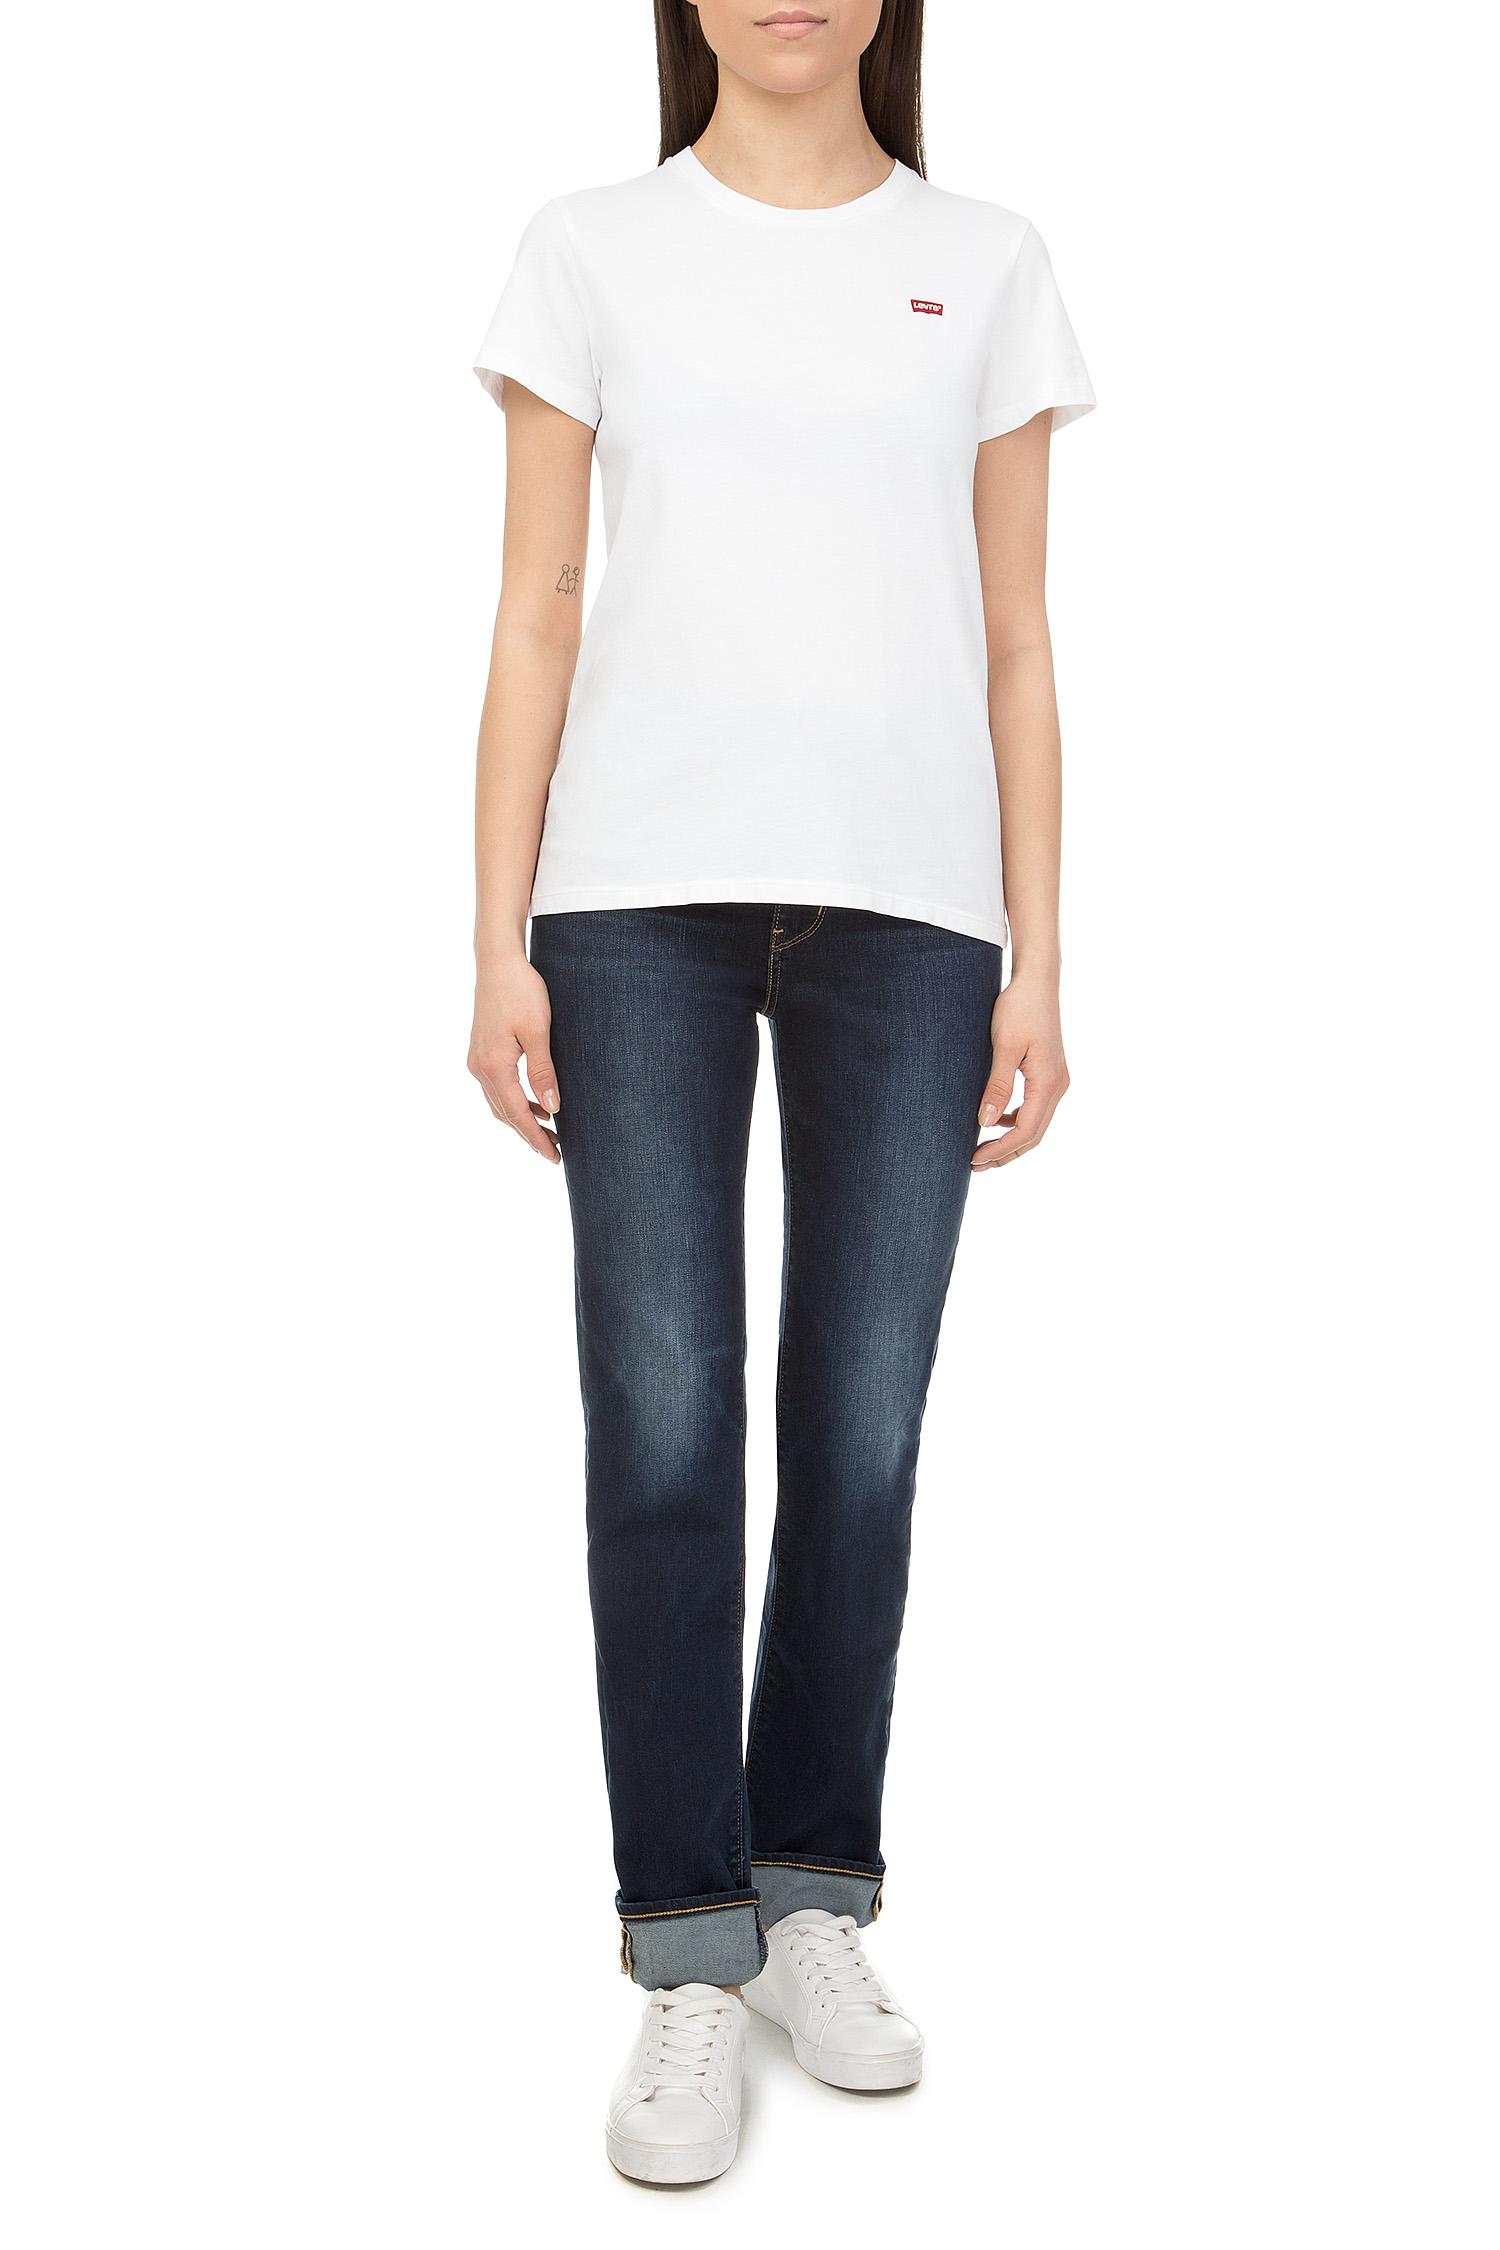 Женская белая футболка Levi's 39185;0006